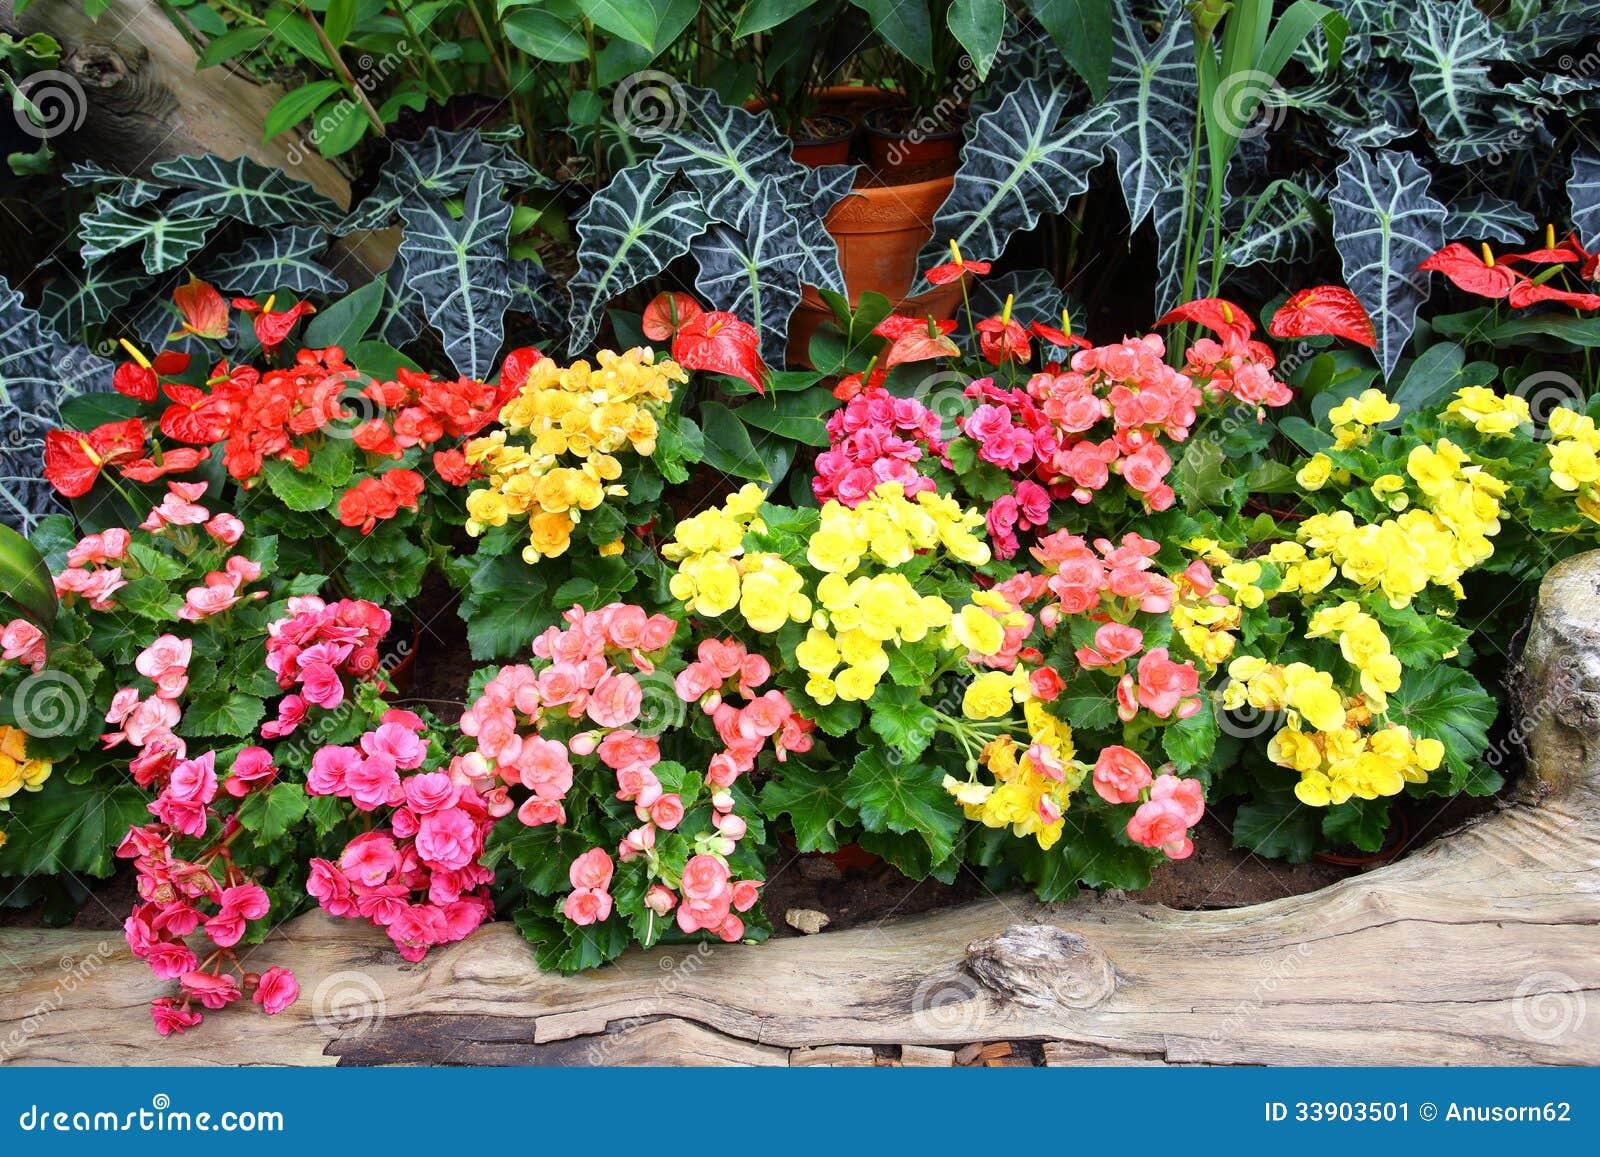 Muitas vezes Flor colorida no jardim imagem de stock. Imagem de flor - 33903501 ER74